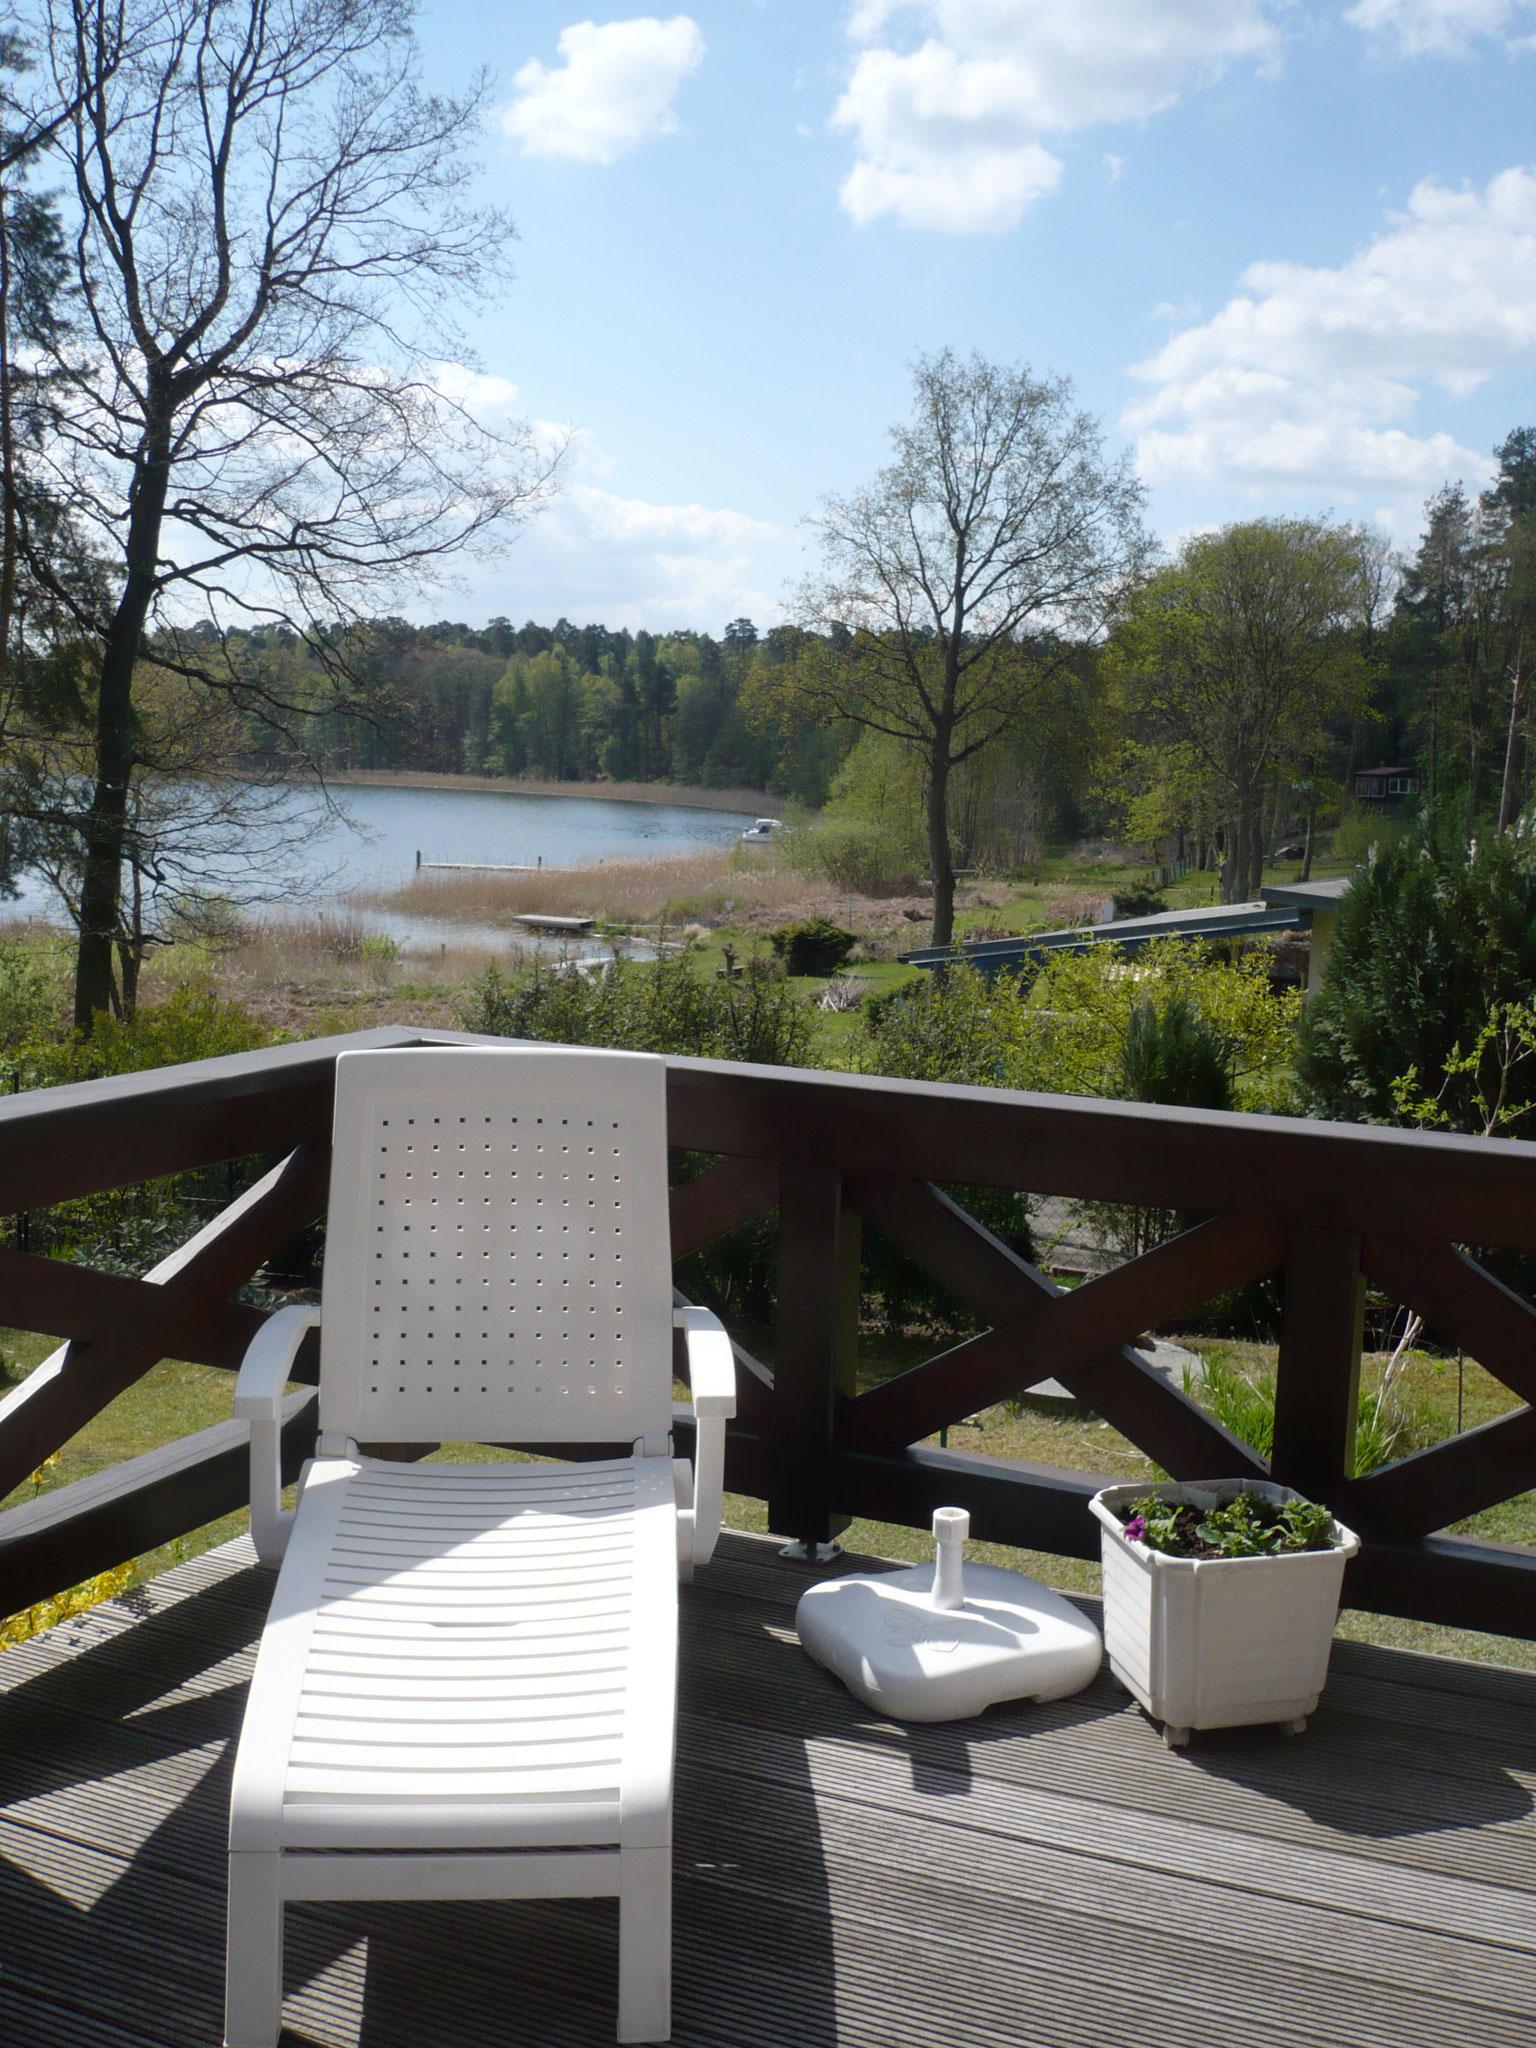 Lehnen Sie sich entspannt zu¬rück und relaxen bei einem Sonnenbad. Denn auch das ist Urlaub: Kraft tanken für den nächsten Ausflug in die malerische Landschaft der Mecklenburgischen Seenplatte und des Müritz-Nationalparks.